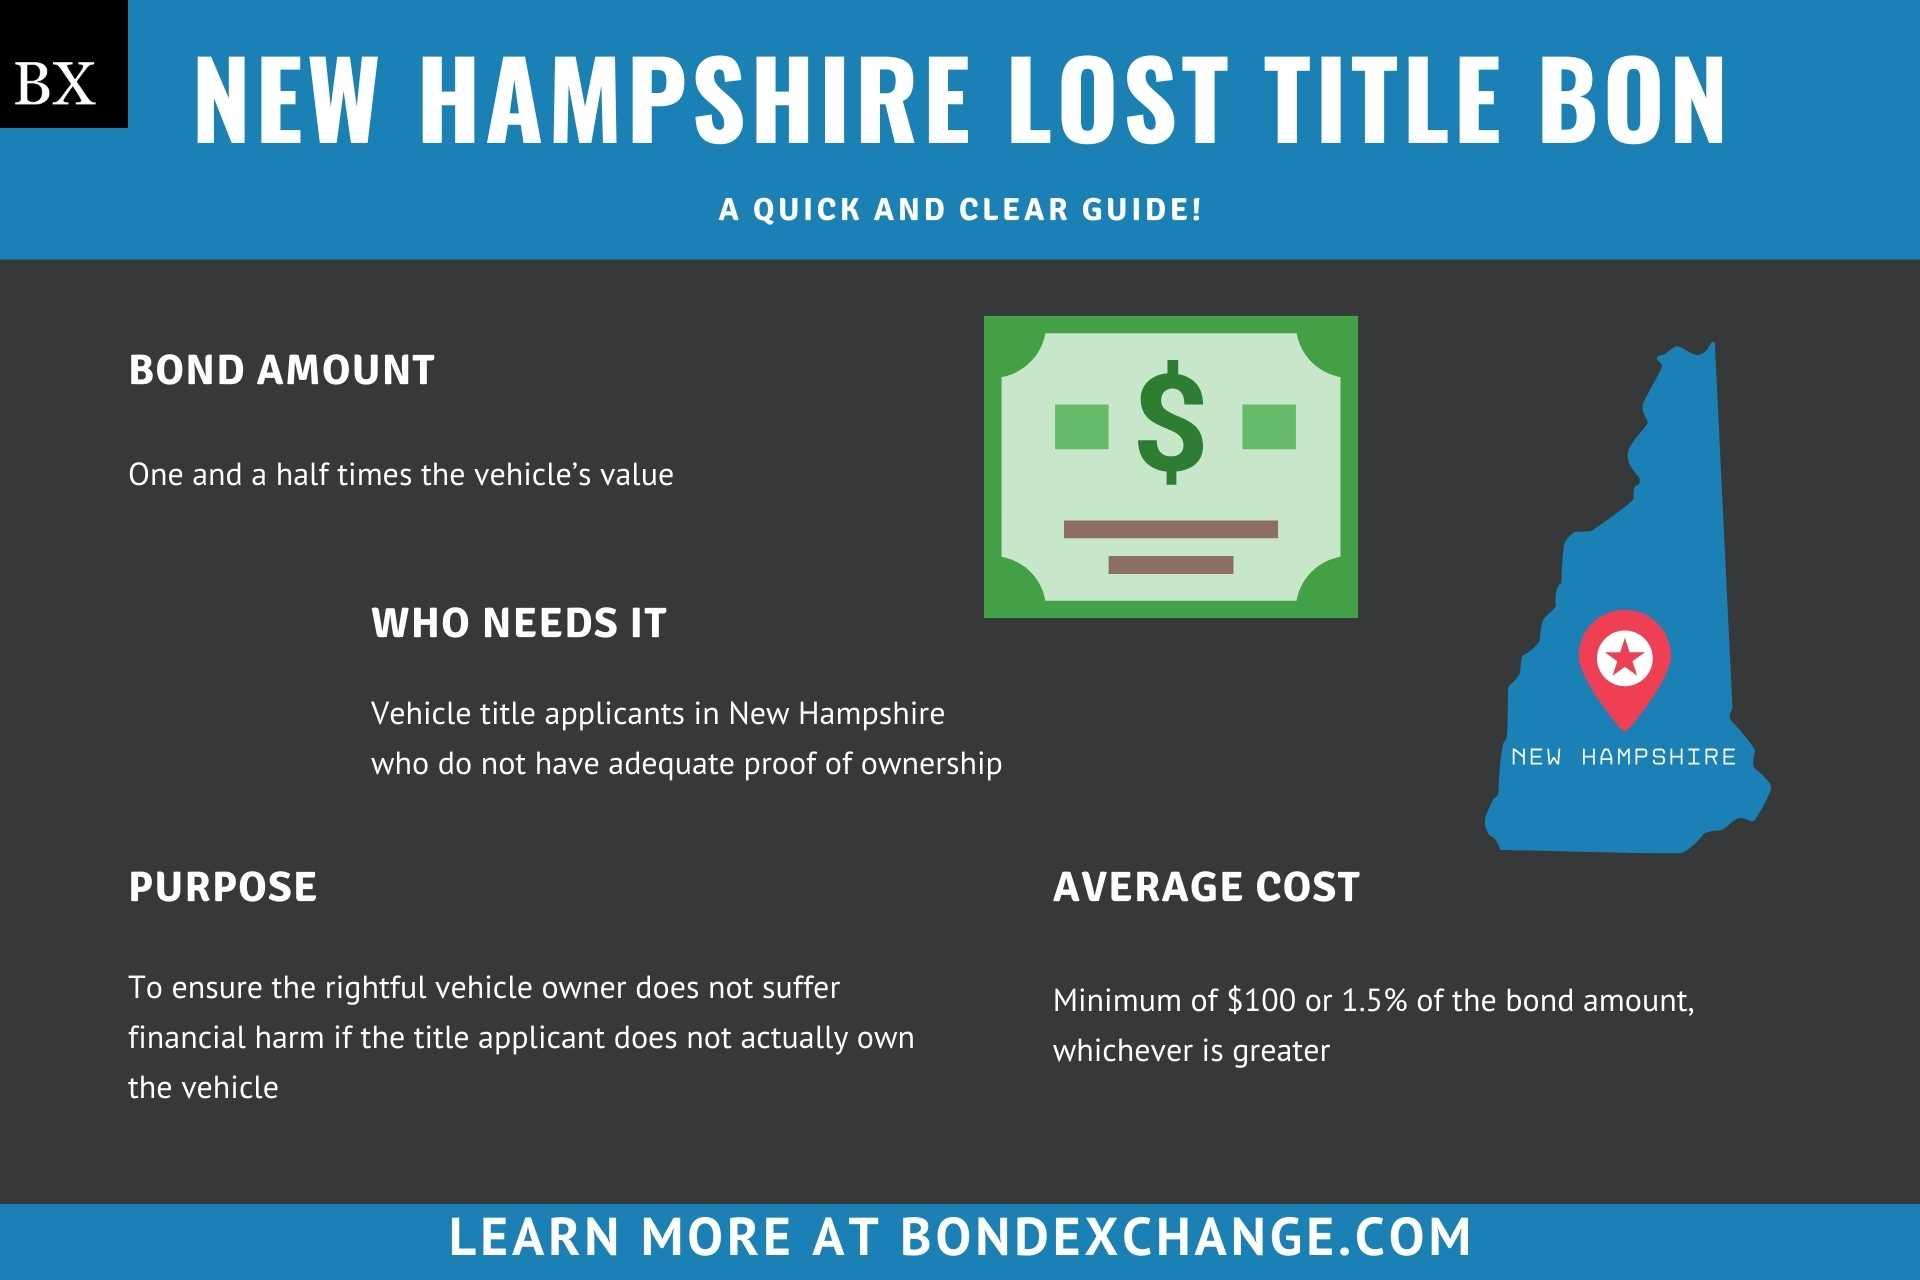 New Hampshire Lost Title Bon